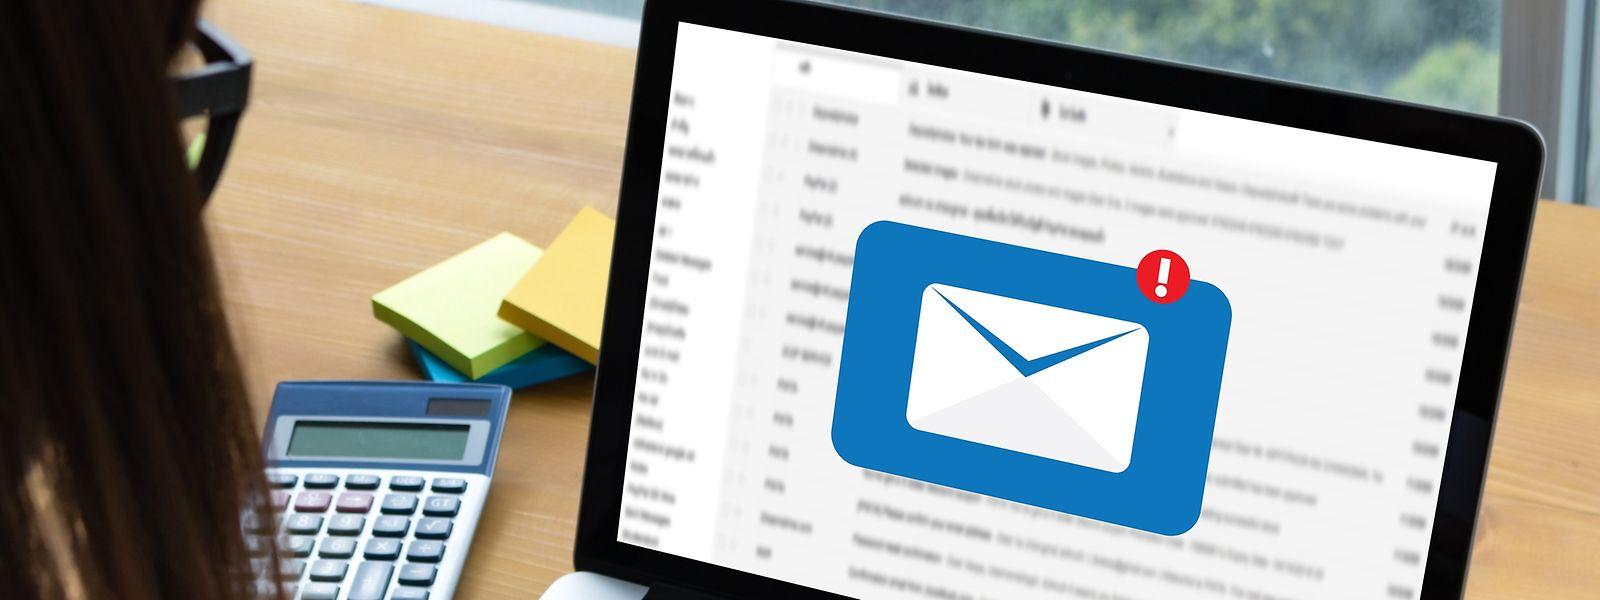 Les banques ne demandent jamais d'informations confidentielles par e-mail.